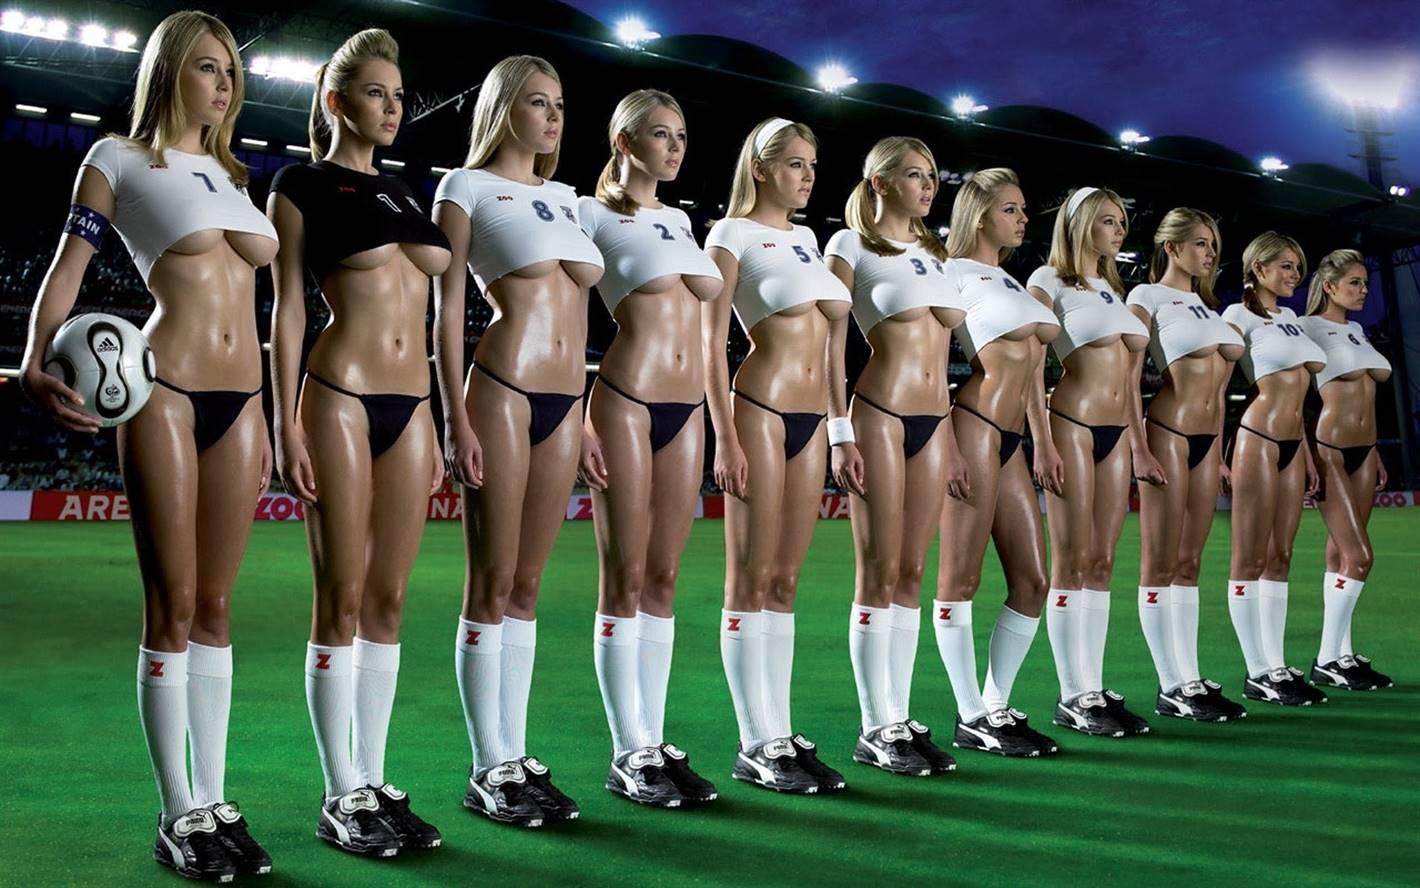 Проститутки для футболистов подрабатывать проституткой